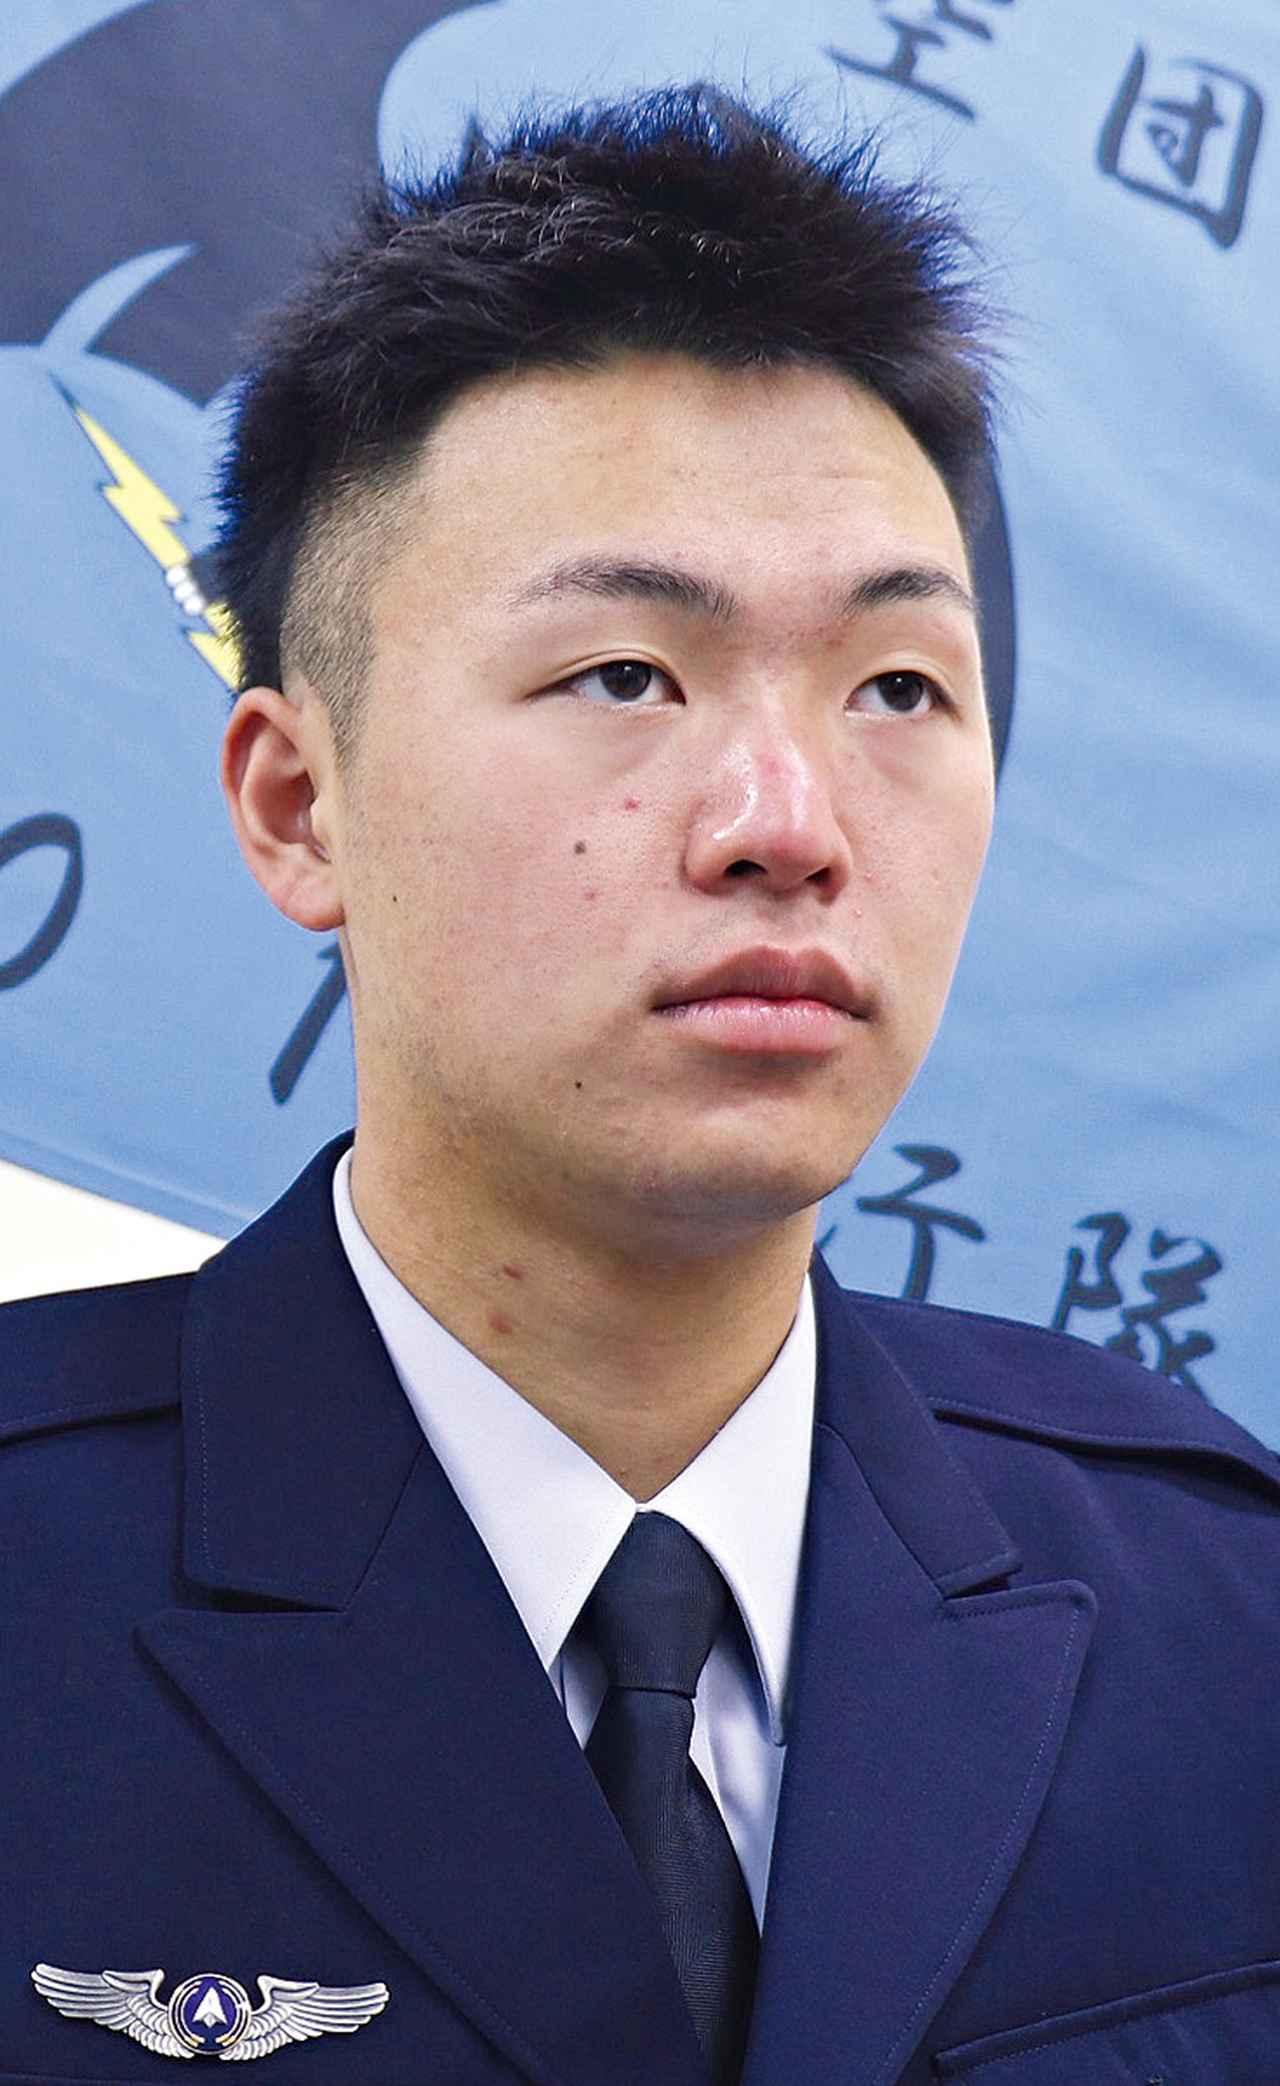 画像: 航空機整備員として勤務する櫻井士長。「今は視野を広く持ち、どんなに小さな不具合も見逃さない確かな目を養うことが大切です」